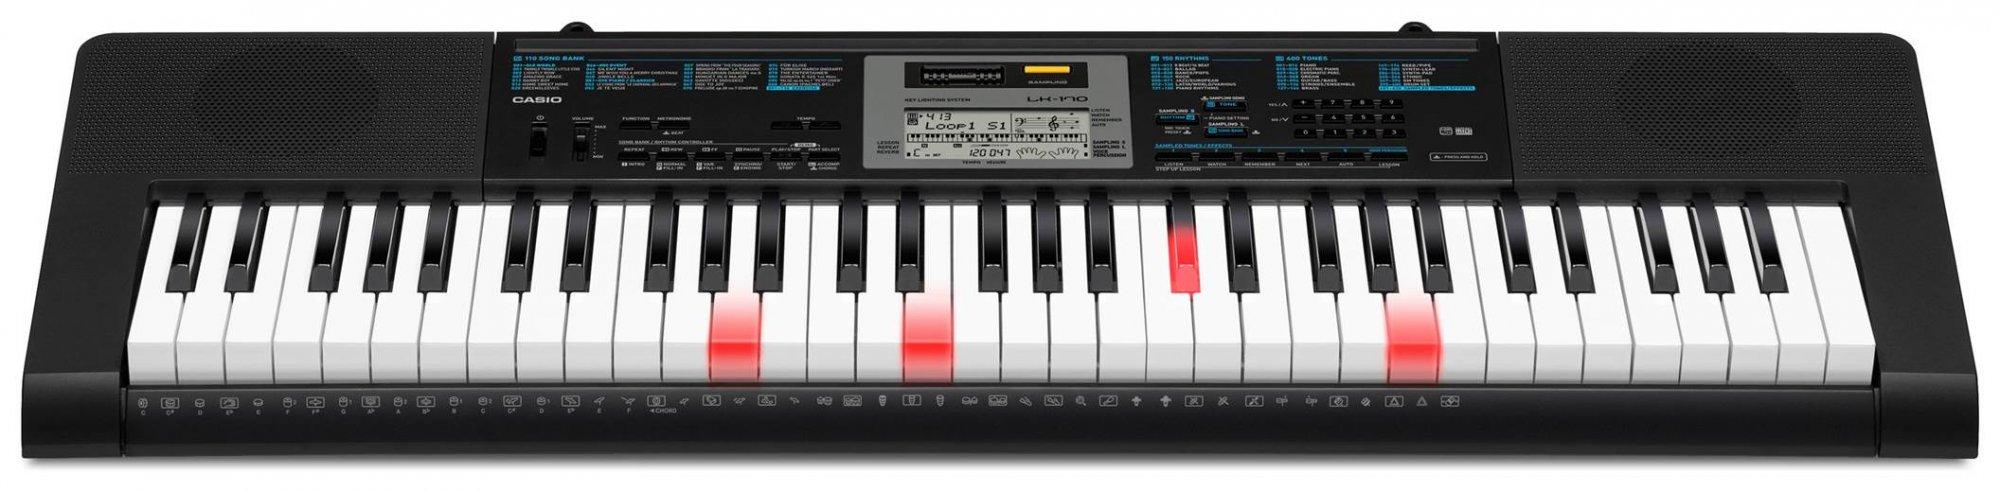 Đàn organ Casio LK-170